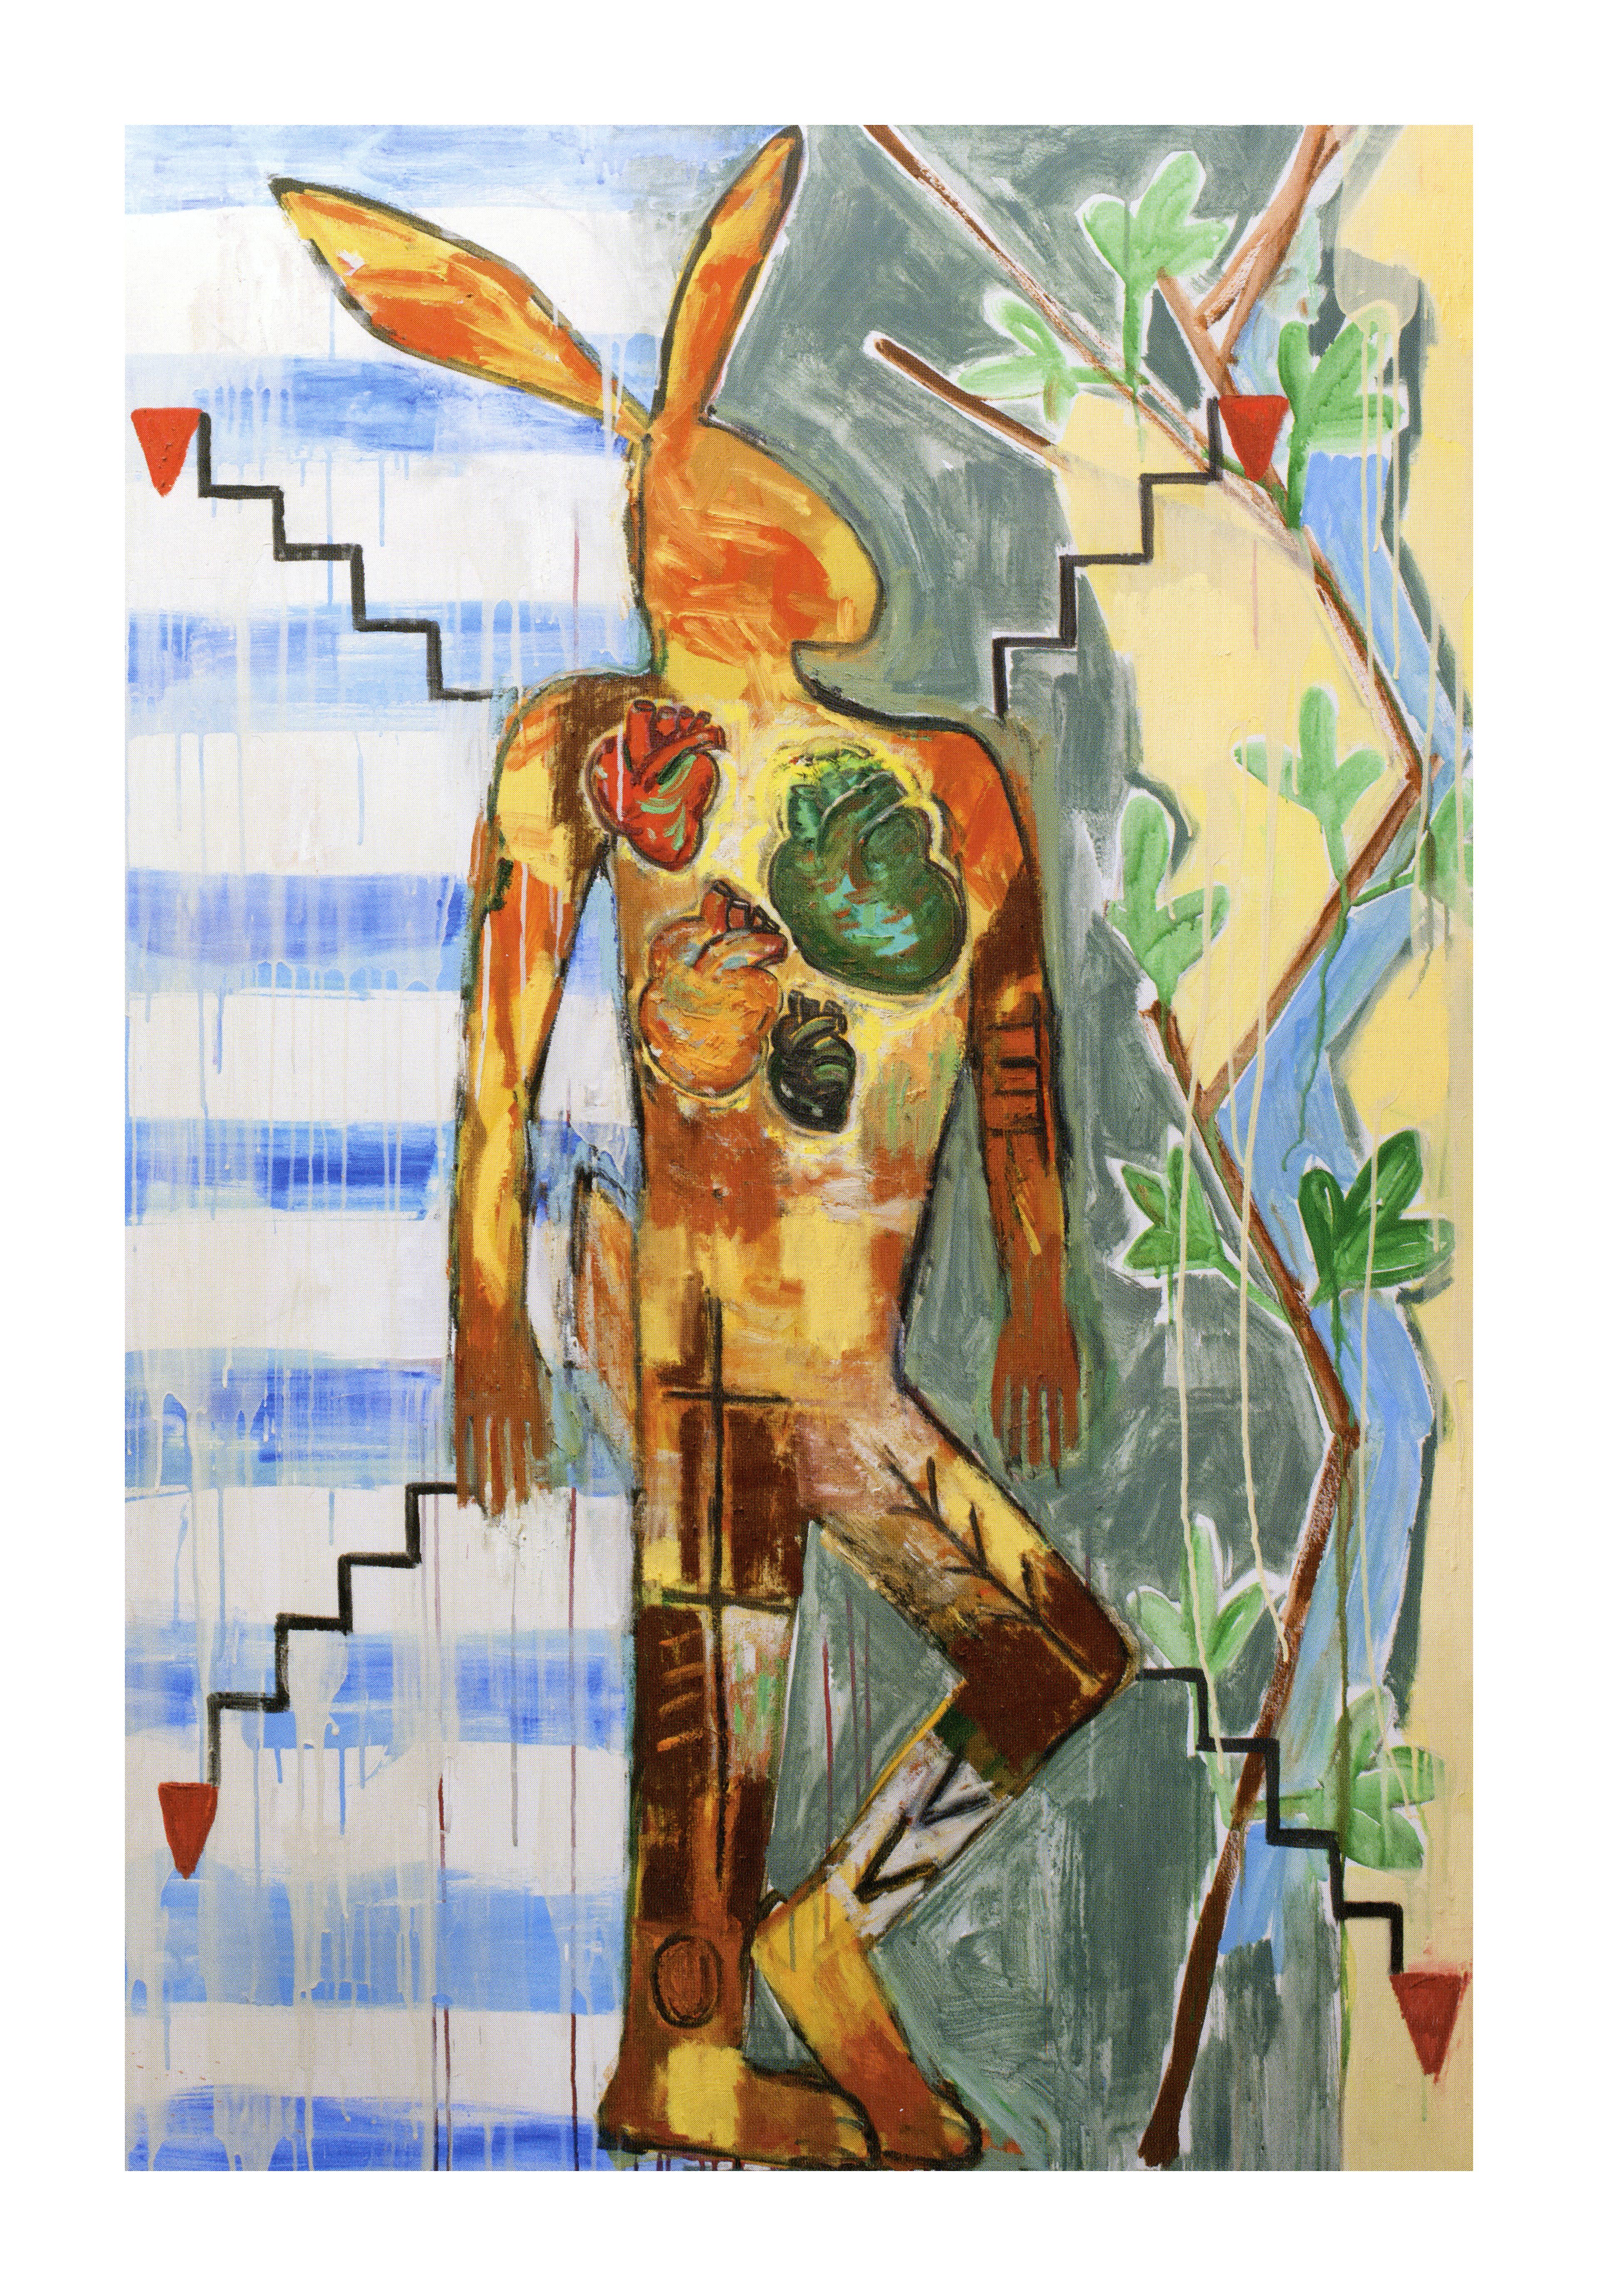 Jaune Quick-to-See Smith, <i>Mixed Blood</i>, 2004. Coleção de Garth Greenan Gallery. Cortesia da artista